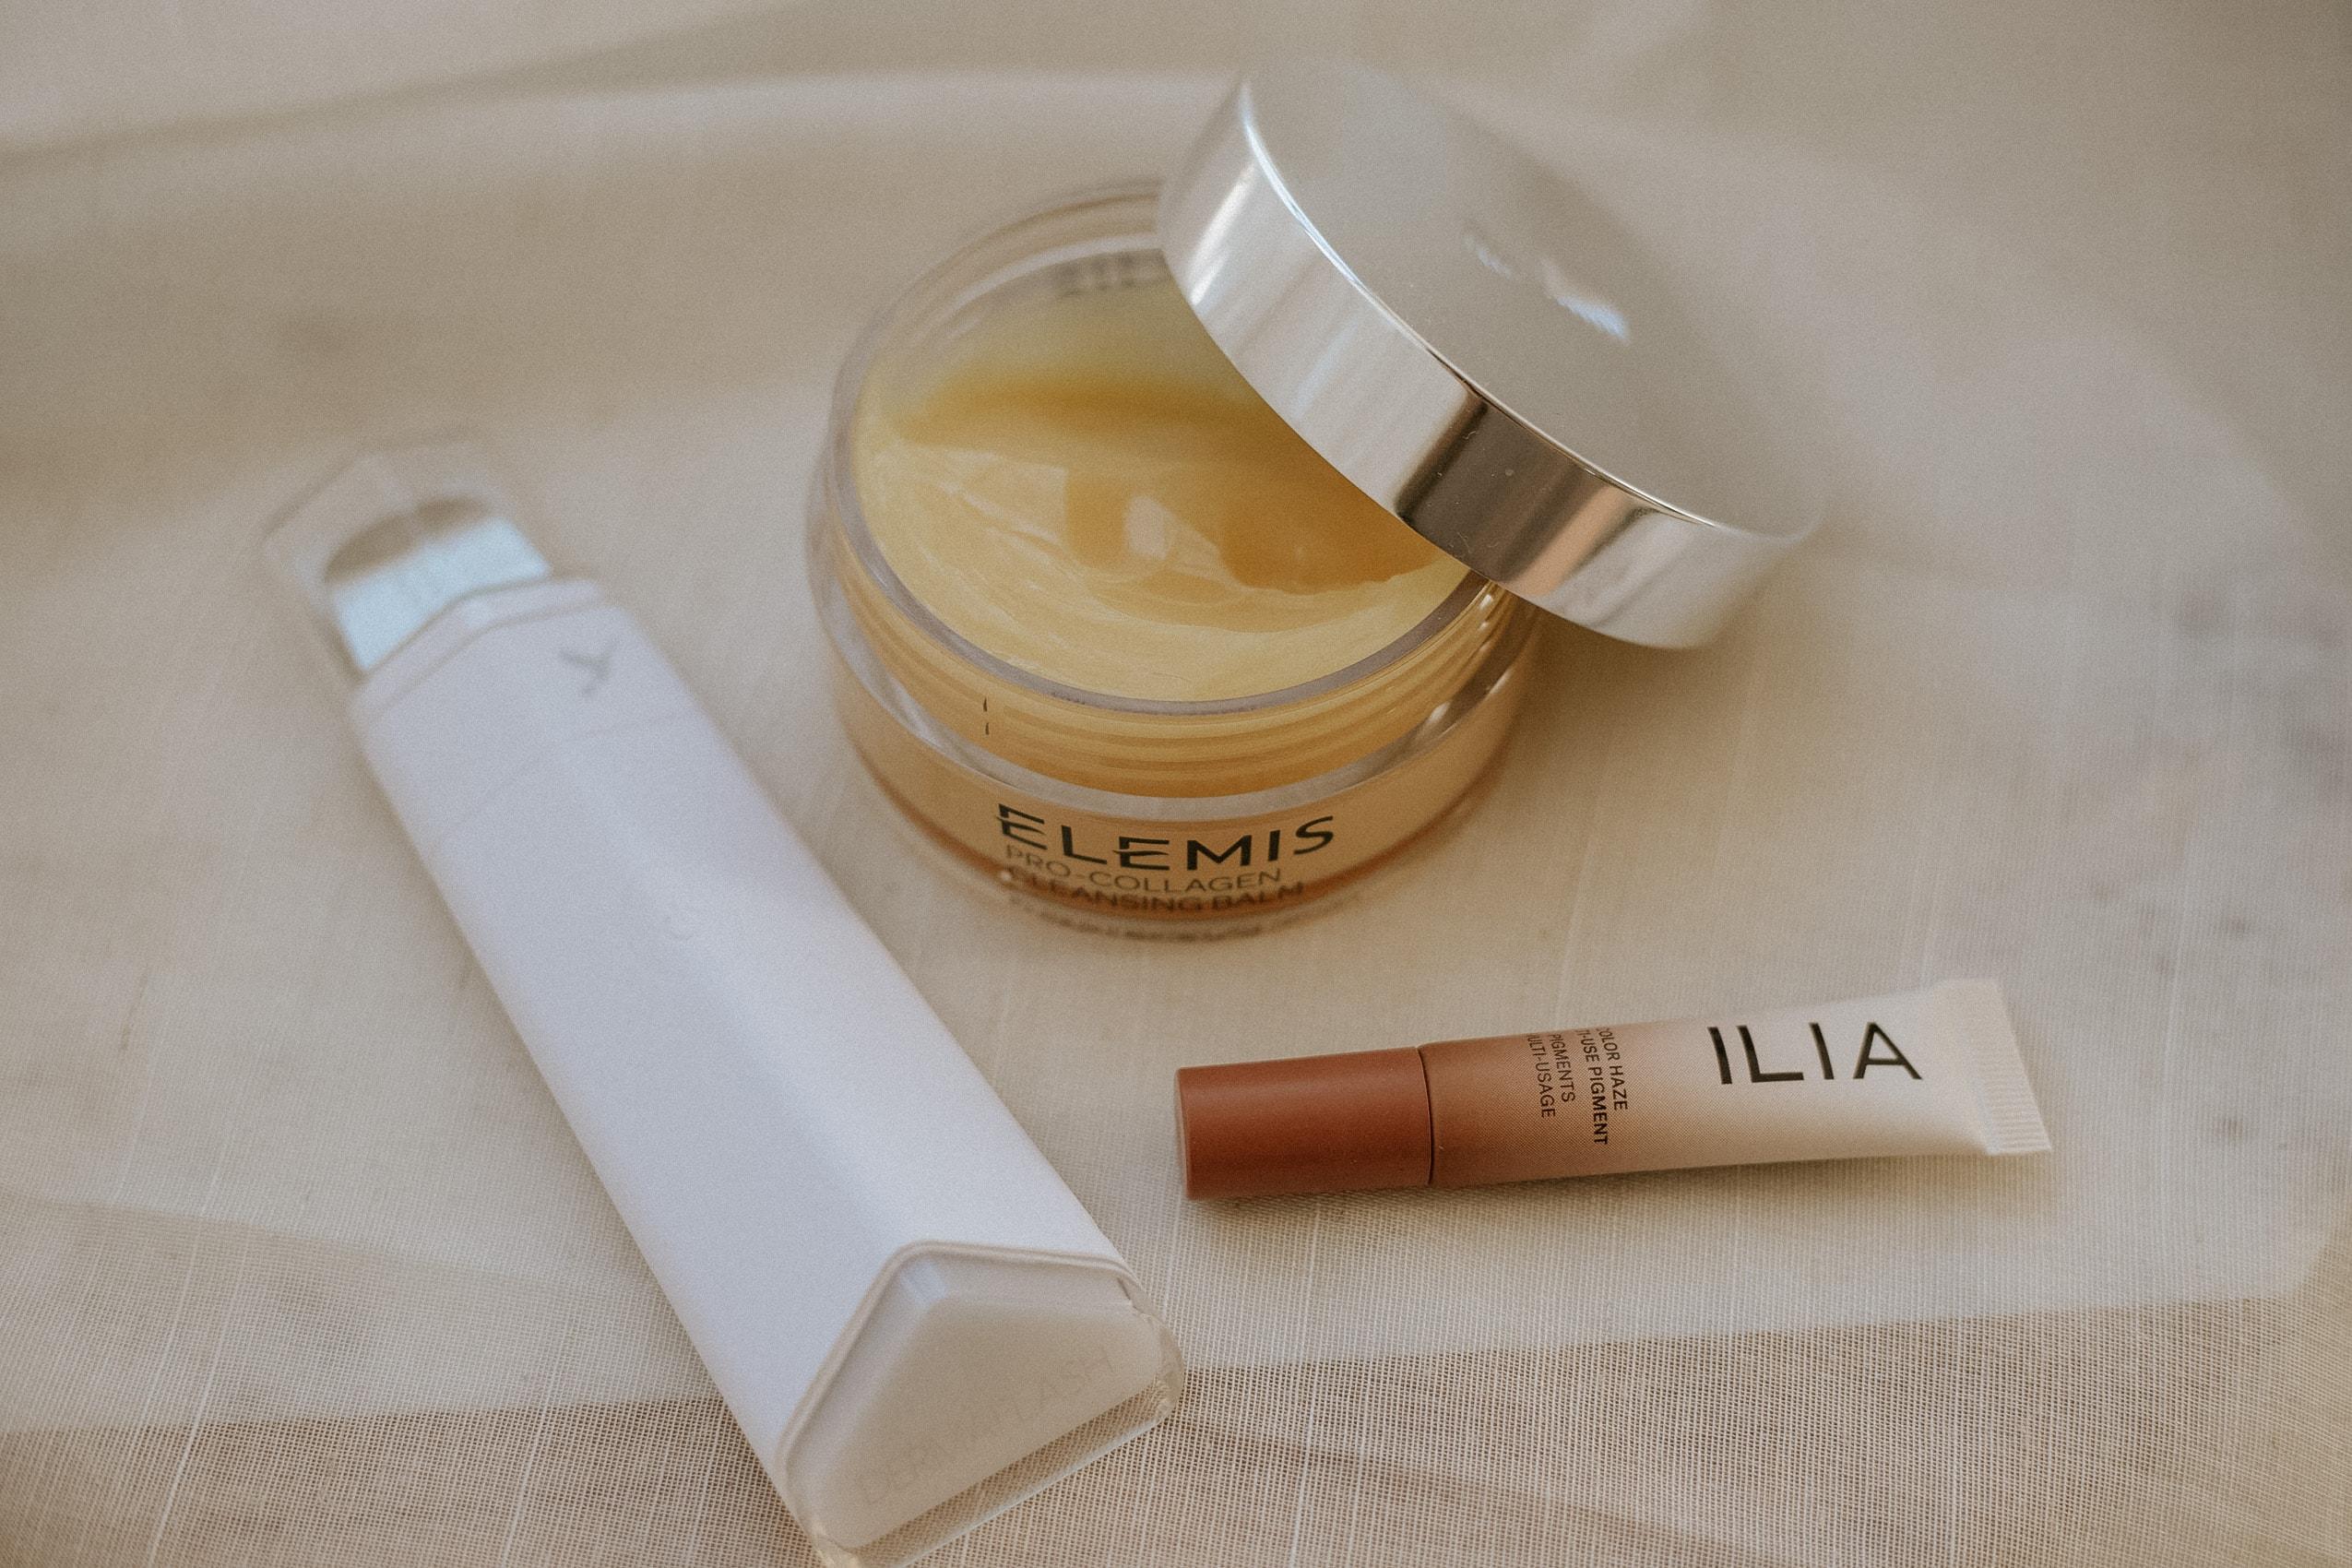 Dermstore Product reviews: Dermaflash Dermapore, Elemis Cleansing Balm, ILIA color haze